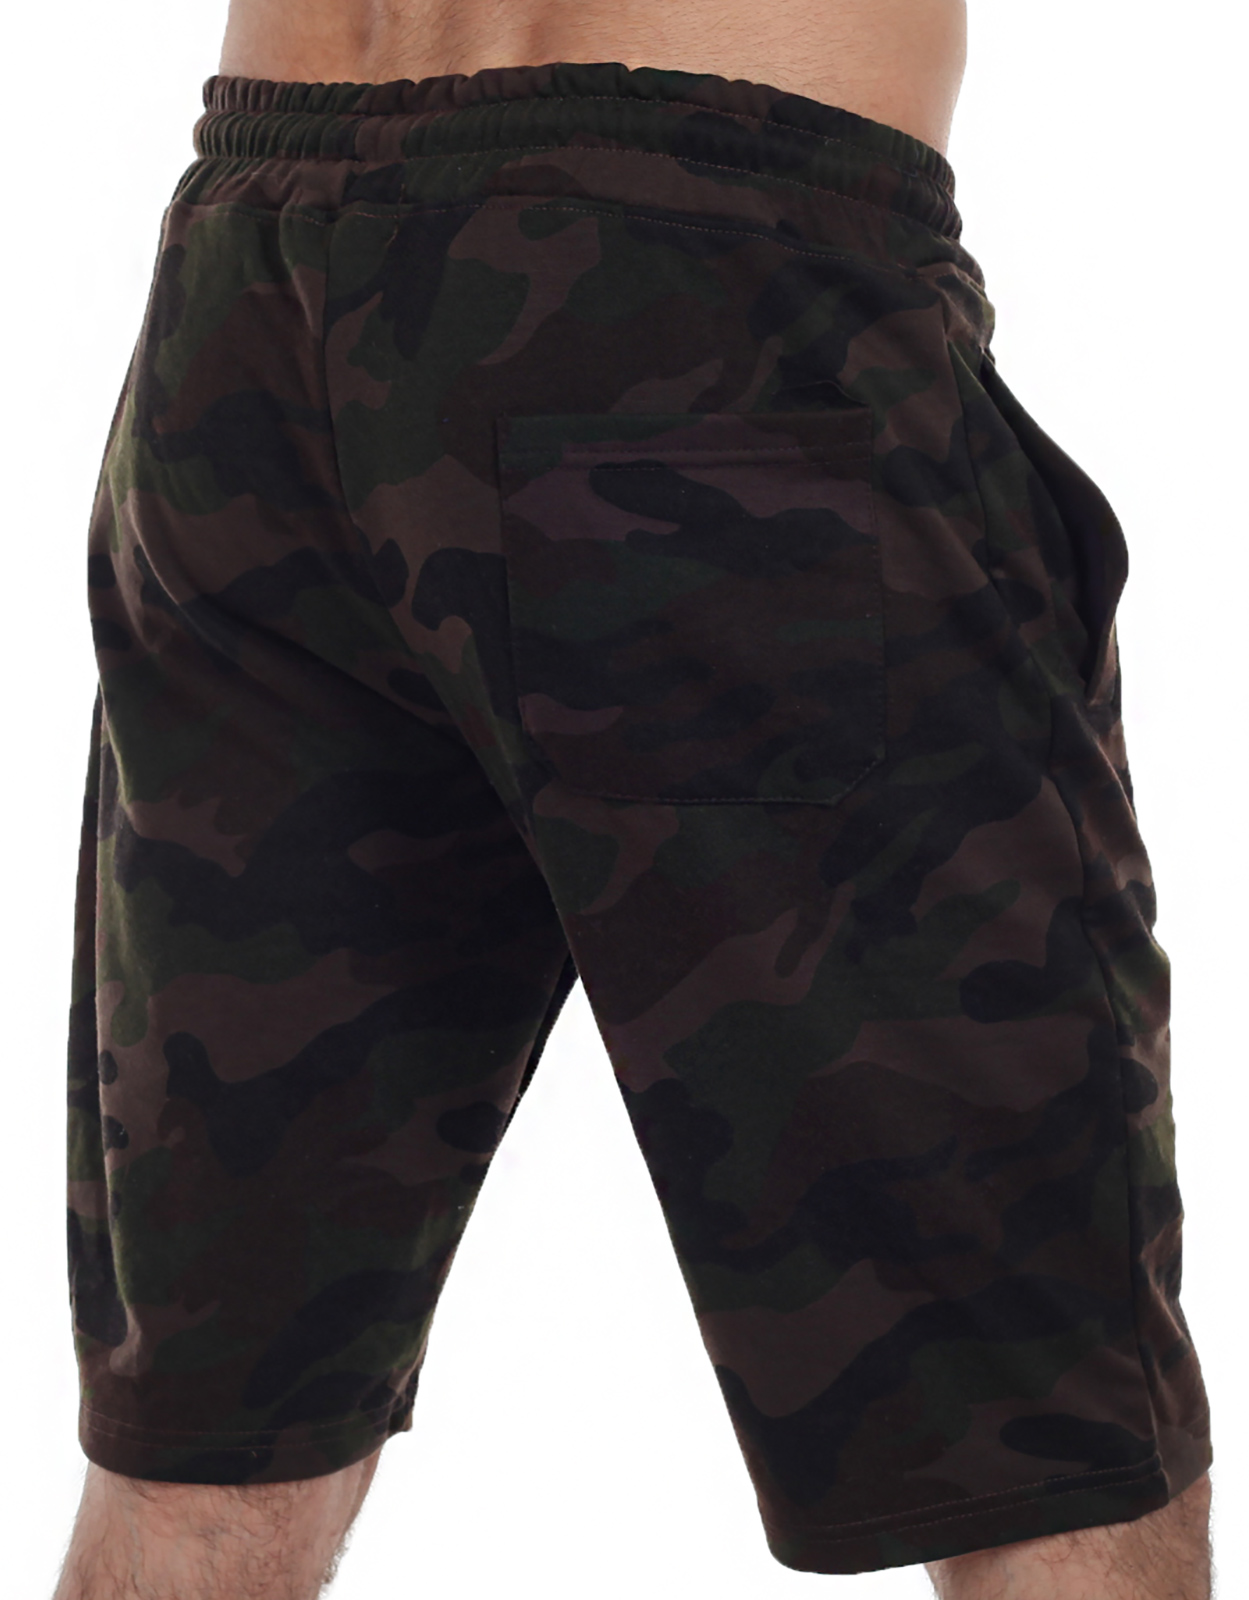 Недорогие тактические шорты с карманами для мужчин